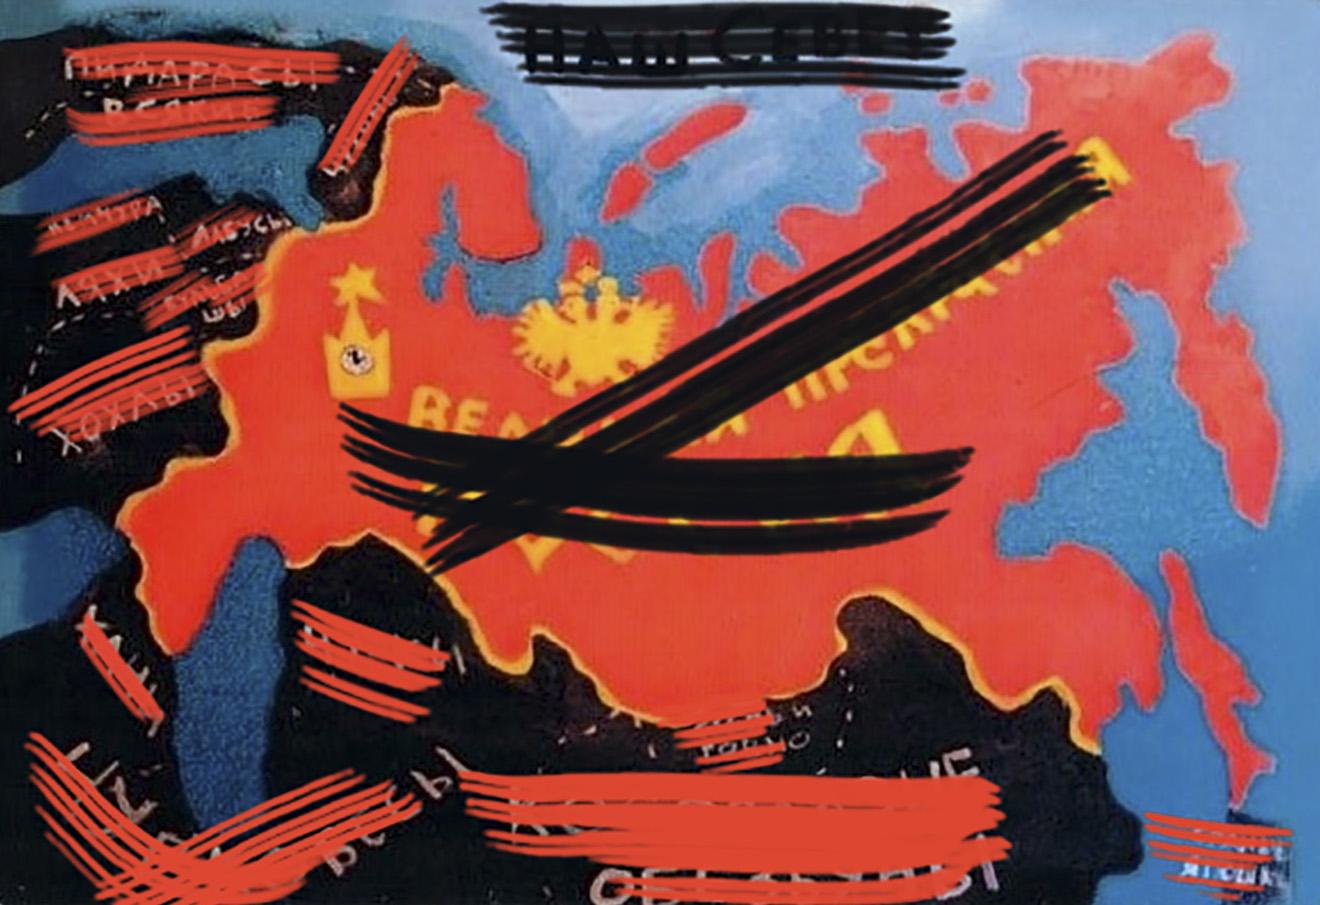 Работа, созданная по мотивам картины Васи Ложкина «Великая прекрасная Россия». Авторы: Вася Ложкин / Минюст / Открытая Россия